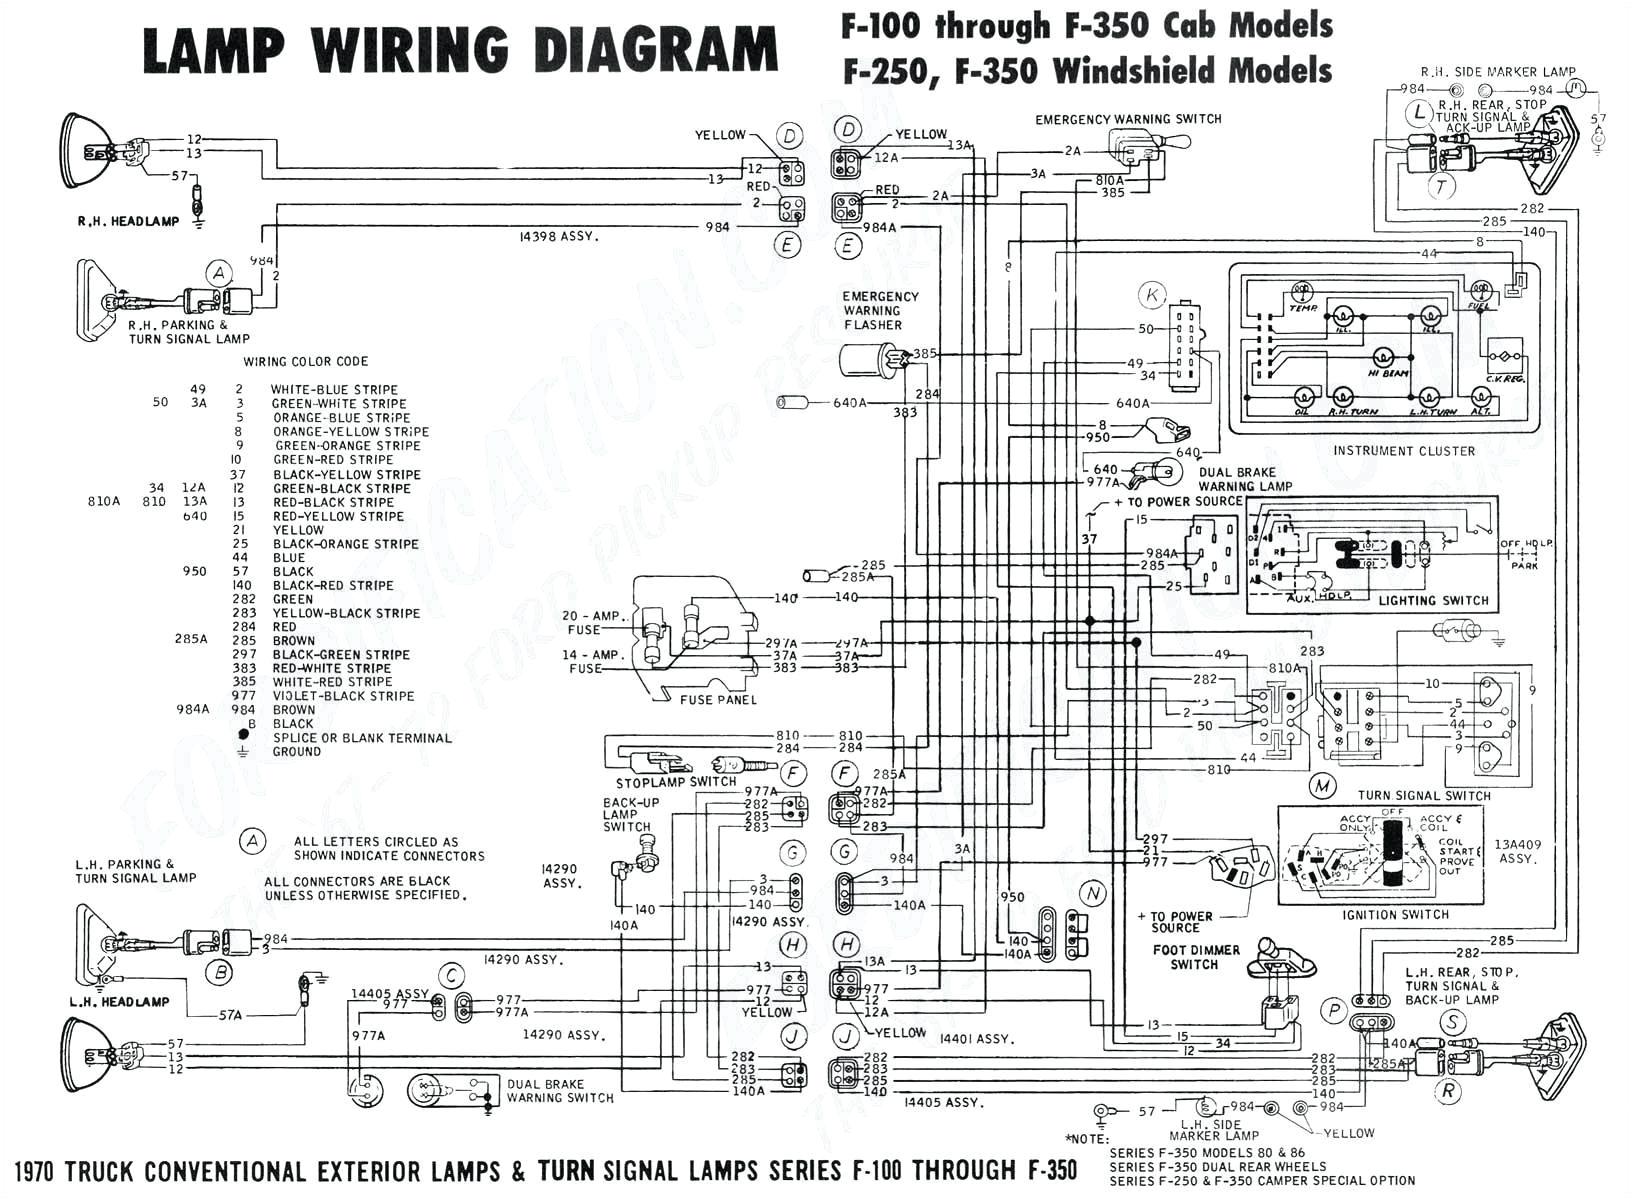 1989 jeep comanche fuse panel diagram manual e book1989 jeep comanche fuse panel diagram wiring diagram